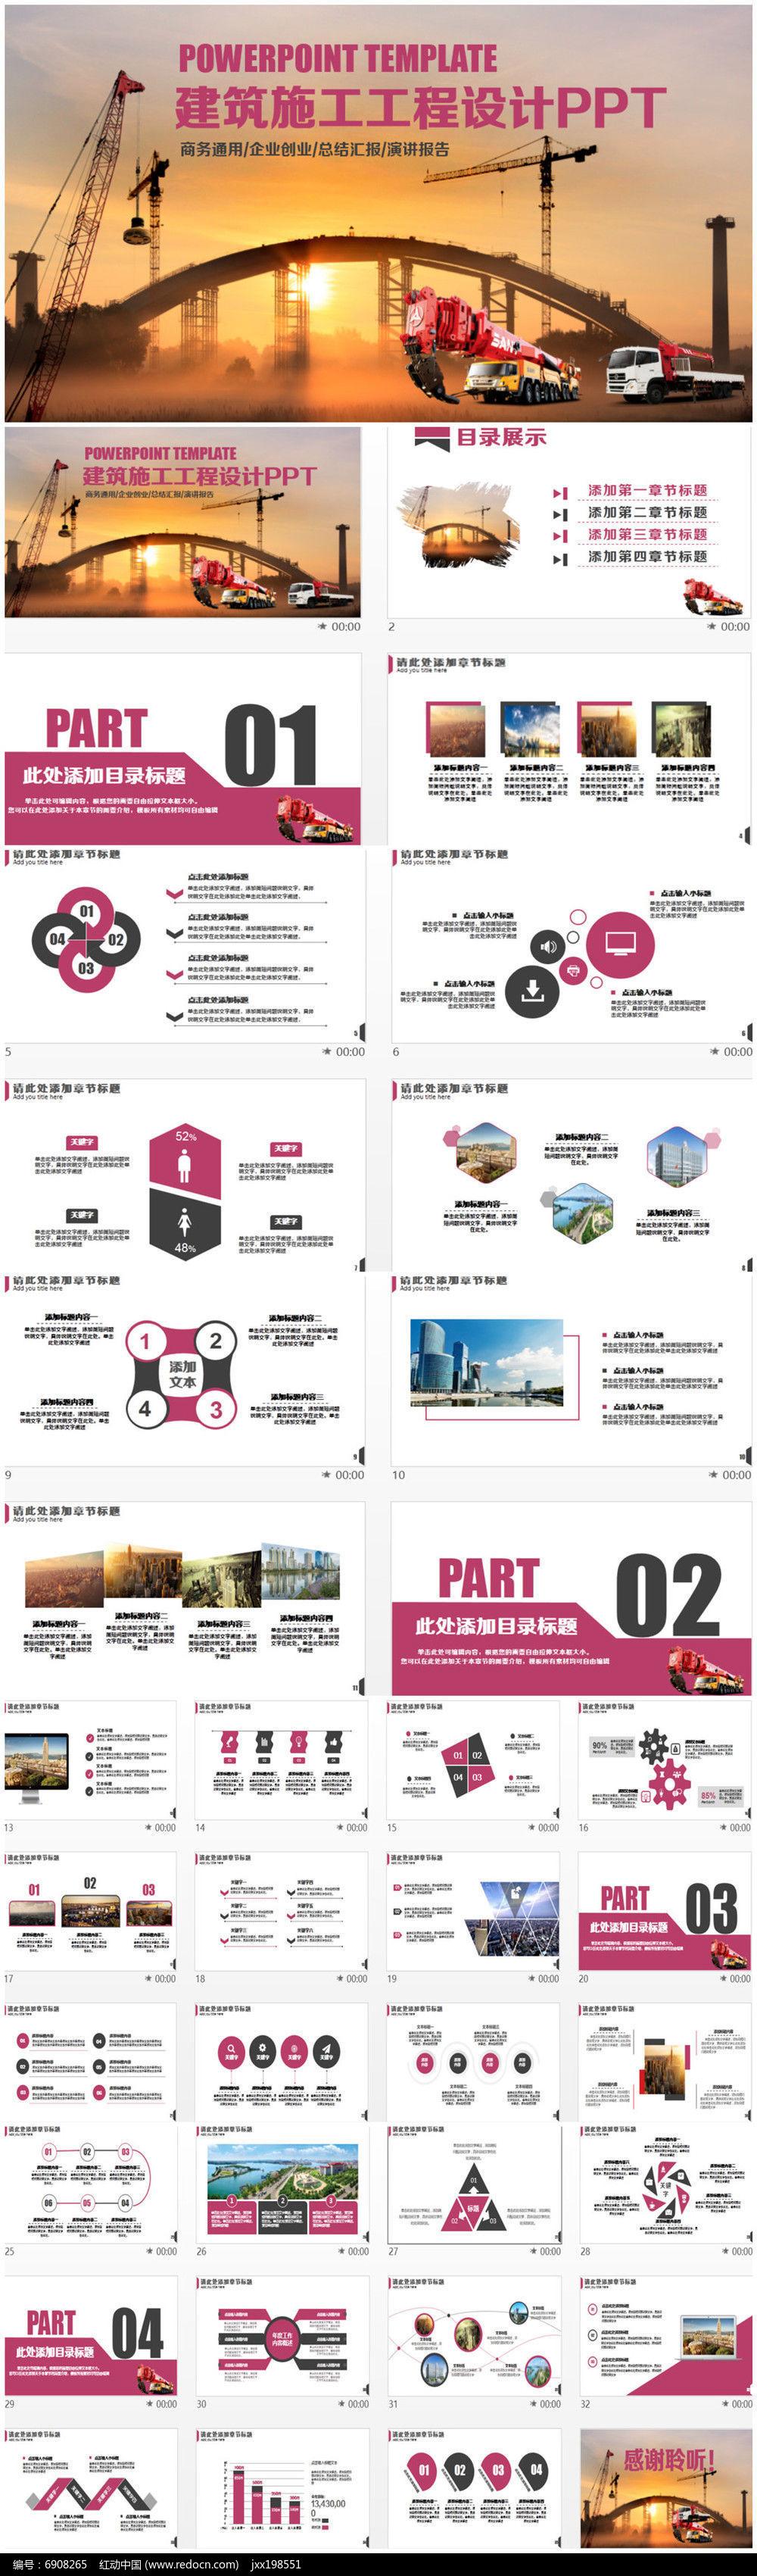 简洁工程施工建筑设计城市建设ppt素材下载(编号)_红